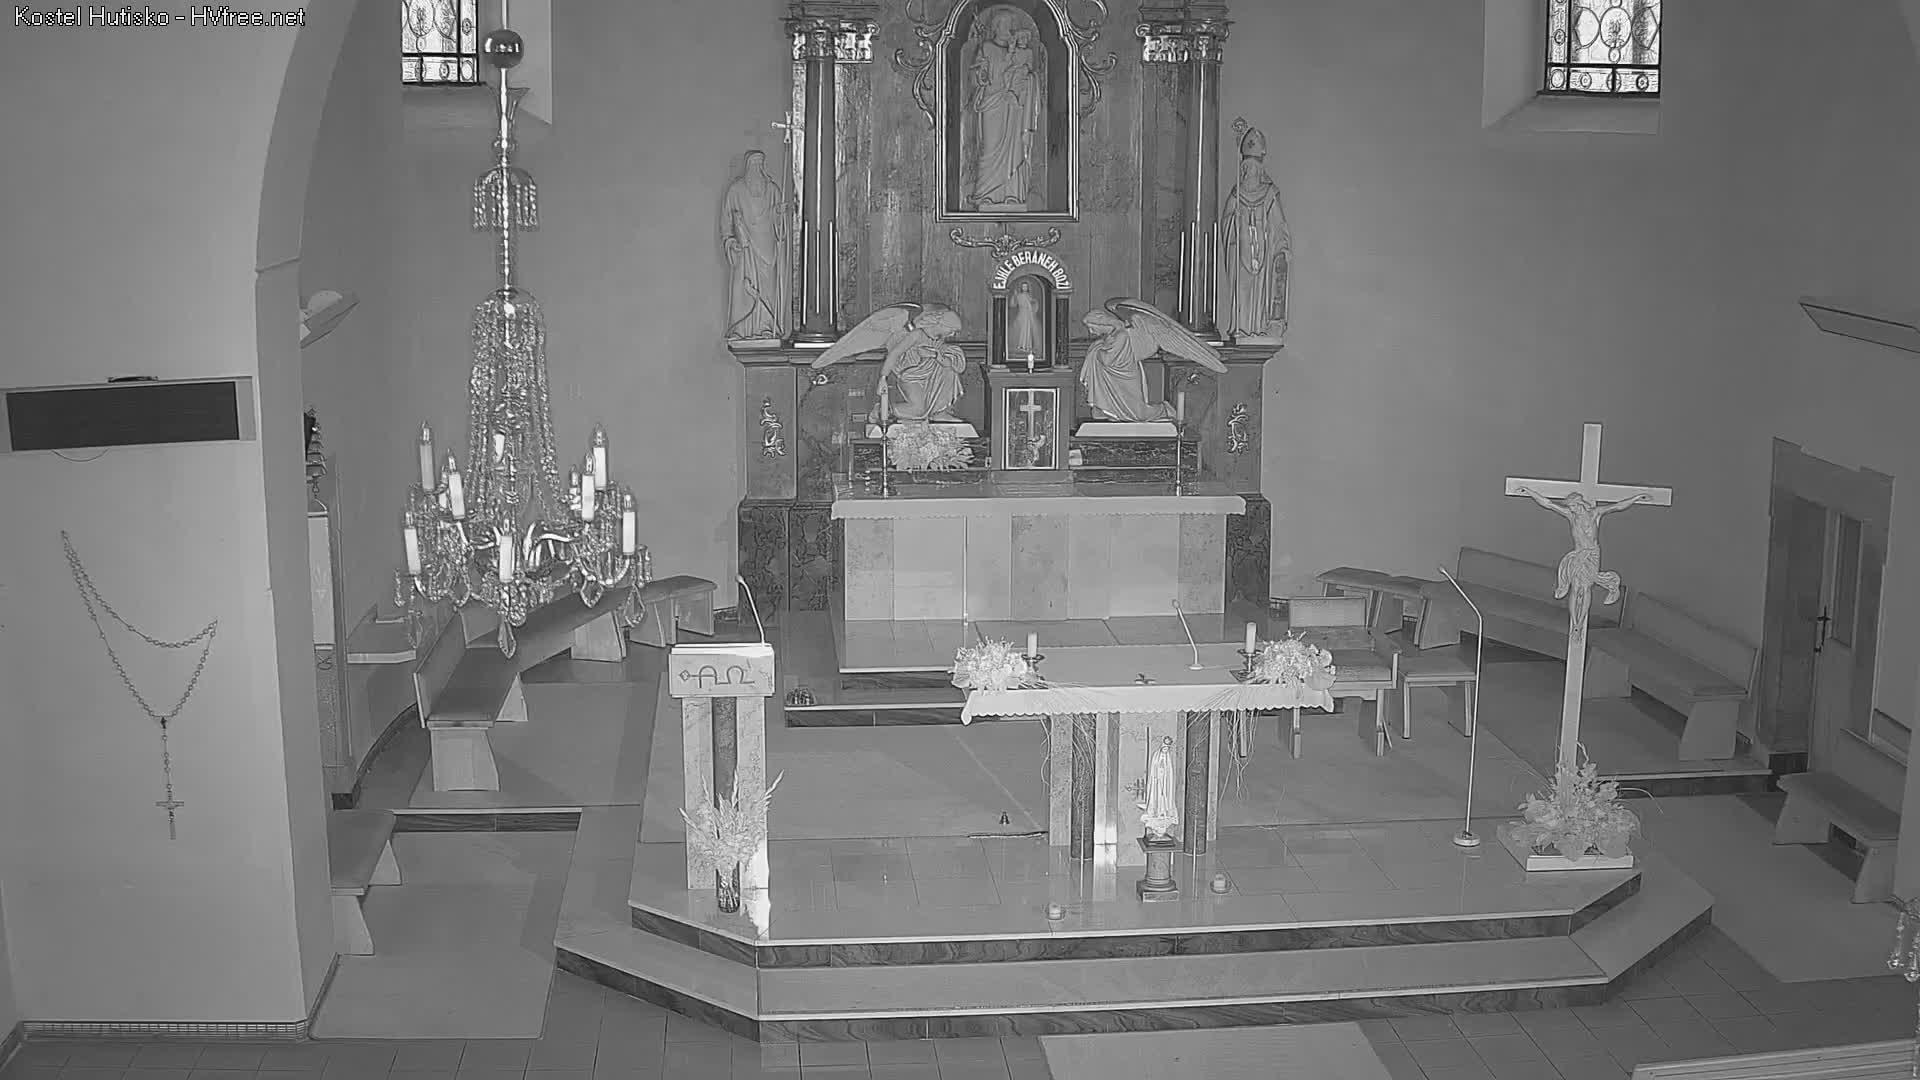 Webkamera Hutisko - Solanec kostel